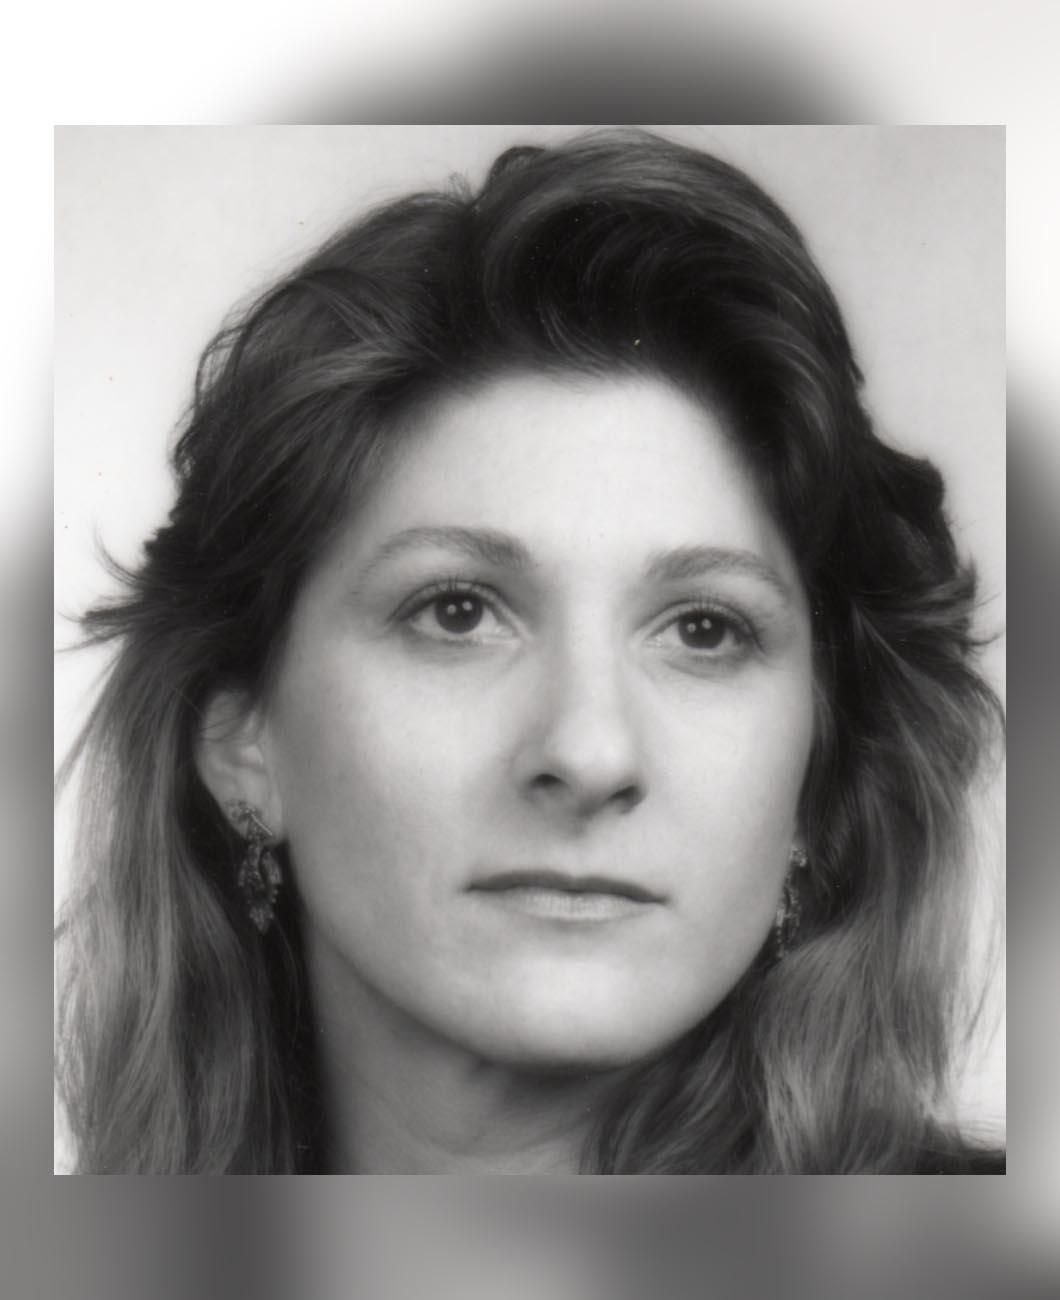 Roberta_Gleicher_New_York_certfied_horse_trainer_author_La_Polo_.jpg